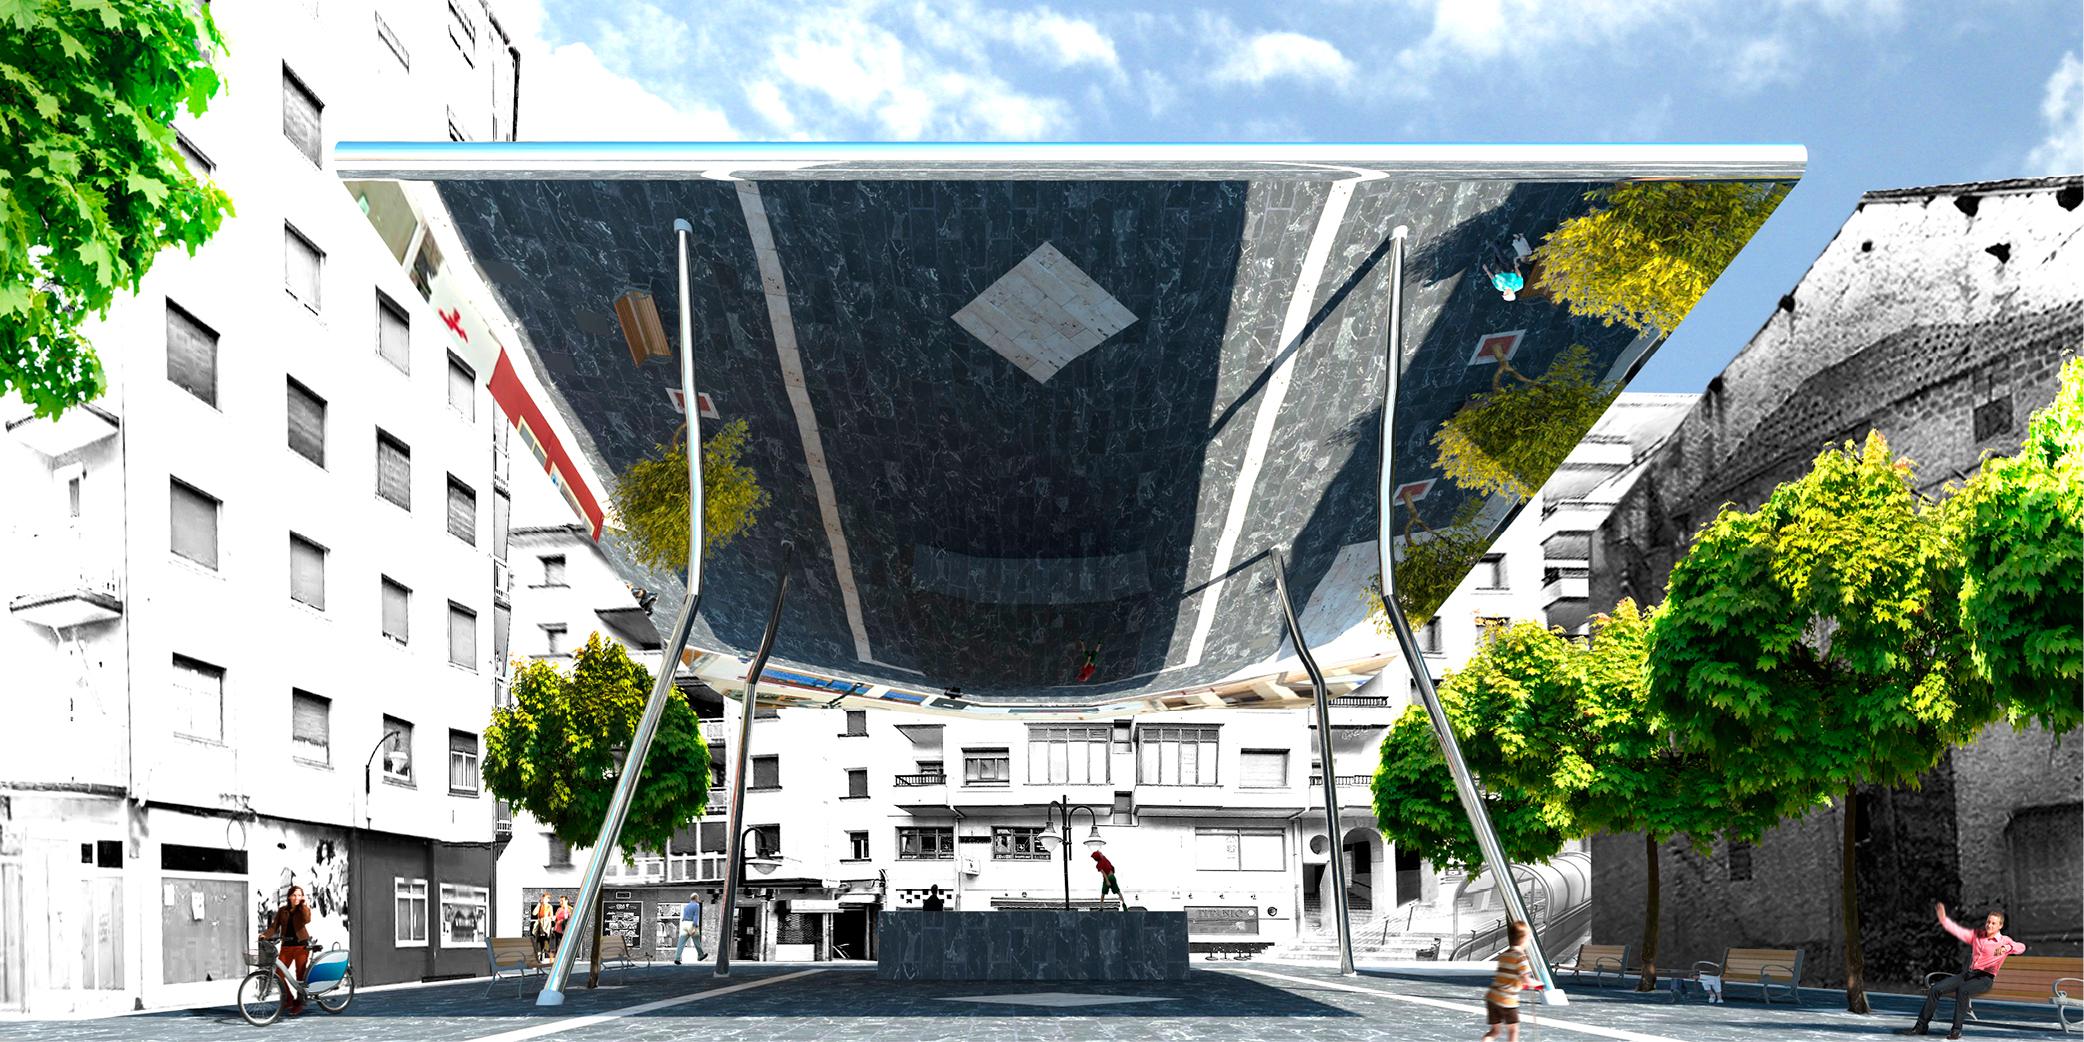 Cubrición plaza cardenal orbe OCA architects barcelona Hernan lleida Bernardo Garcia 02